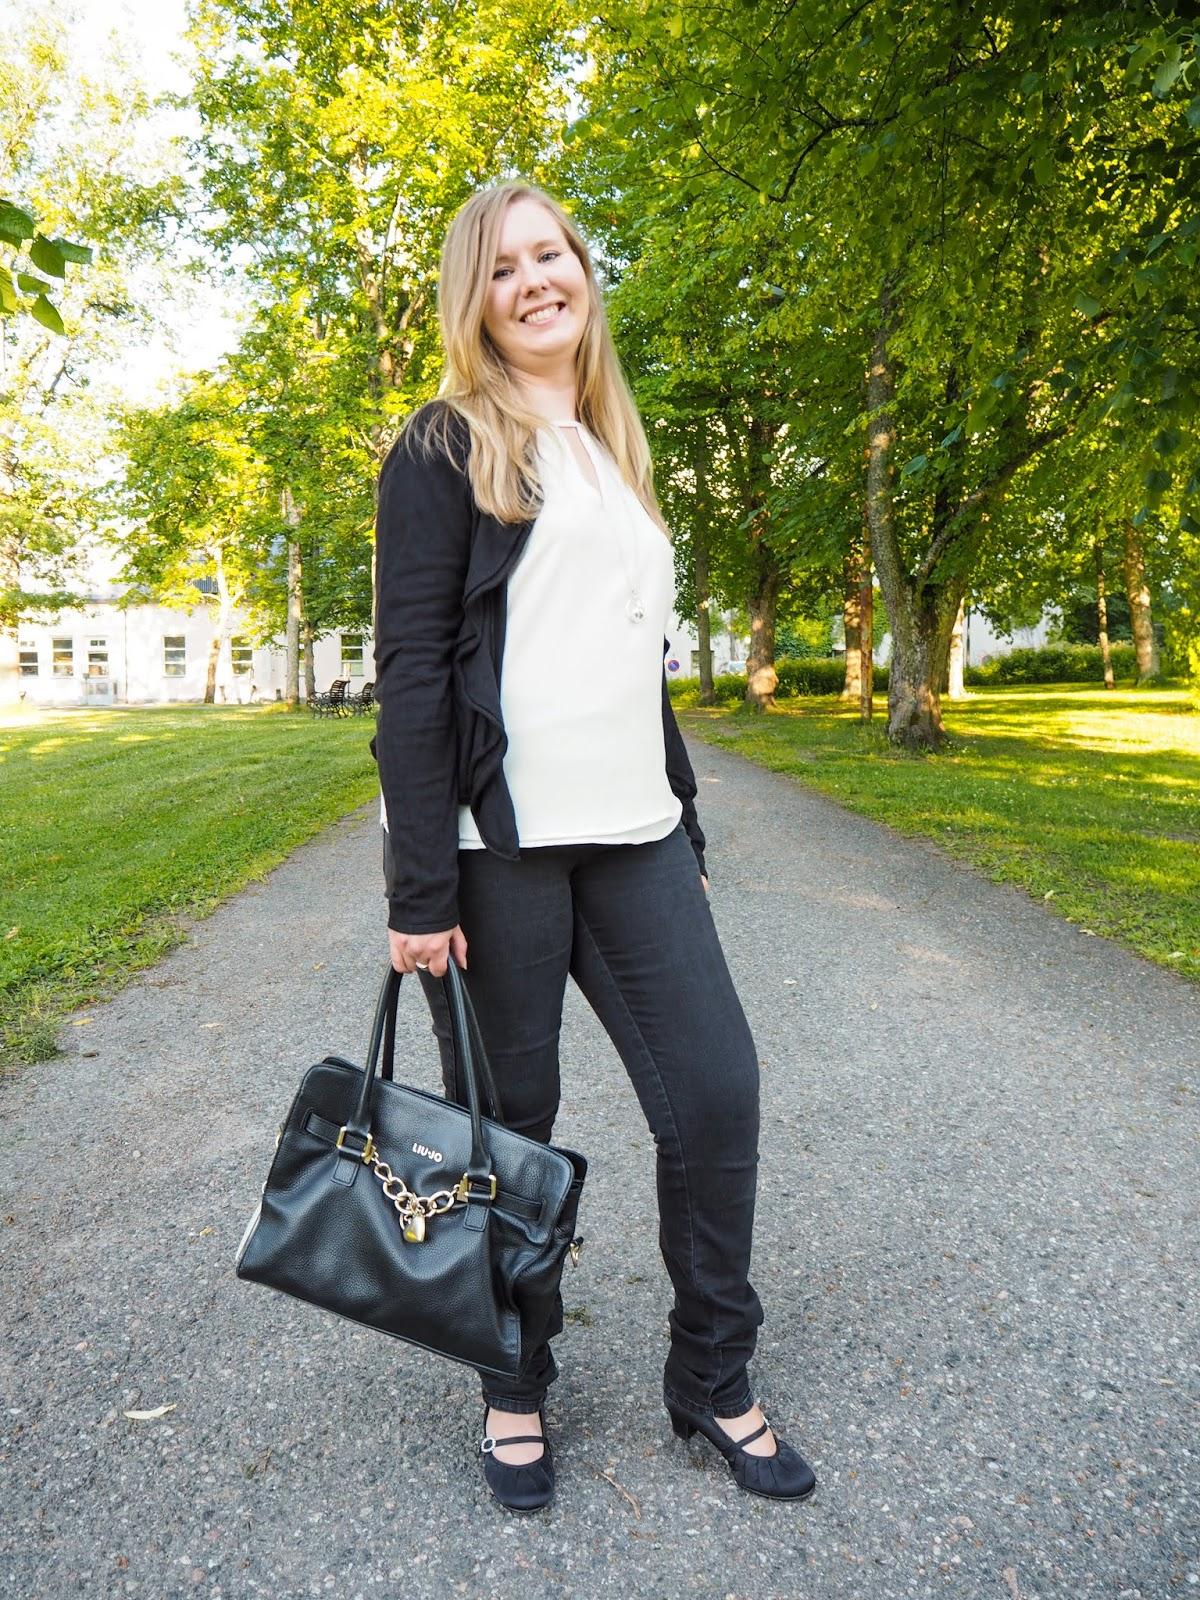 Saippuakuplia olohuoneessa blogi, kuva Mikko Poikkilehto, Lifestyle, oma tyyli, kauneus, street  style, my style, outfit, Liu Jo, Bola, KappAhl, secondhand, Nomination,